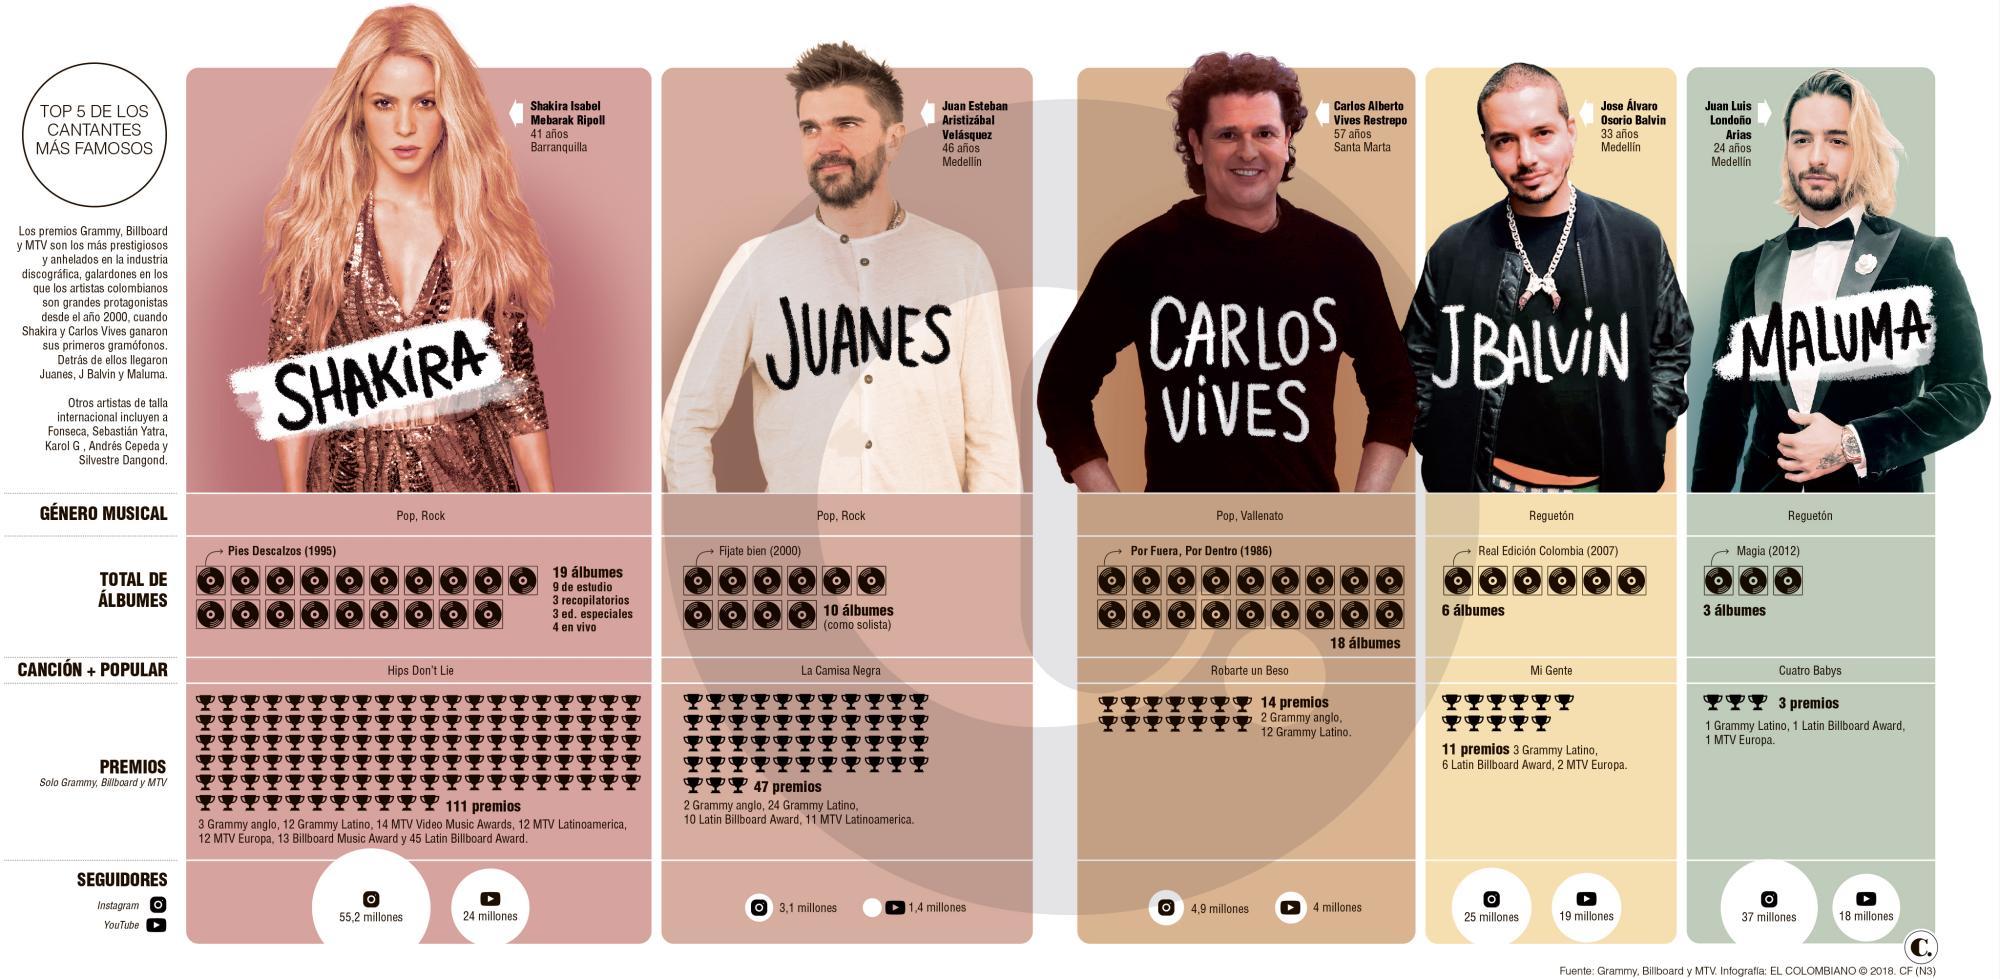 Los colombianos que más suenan